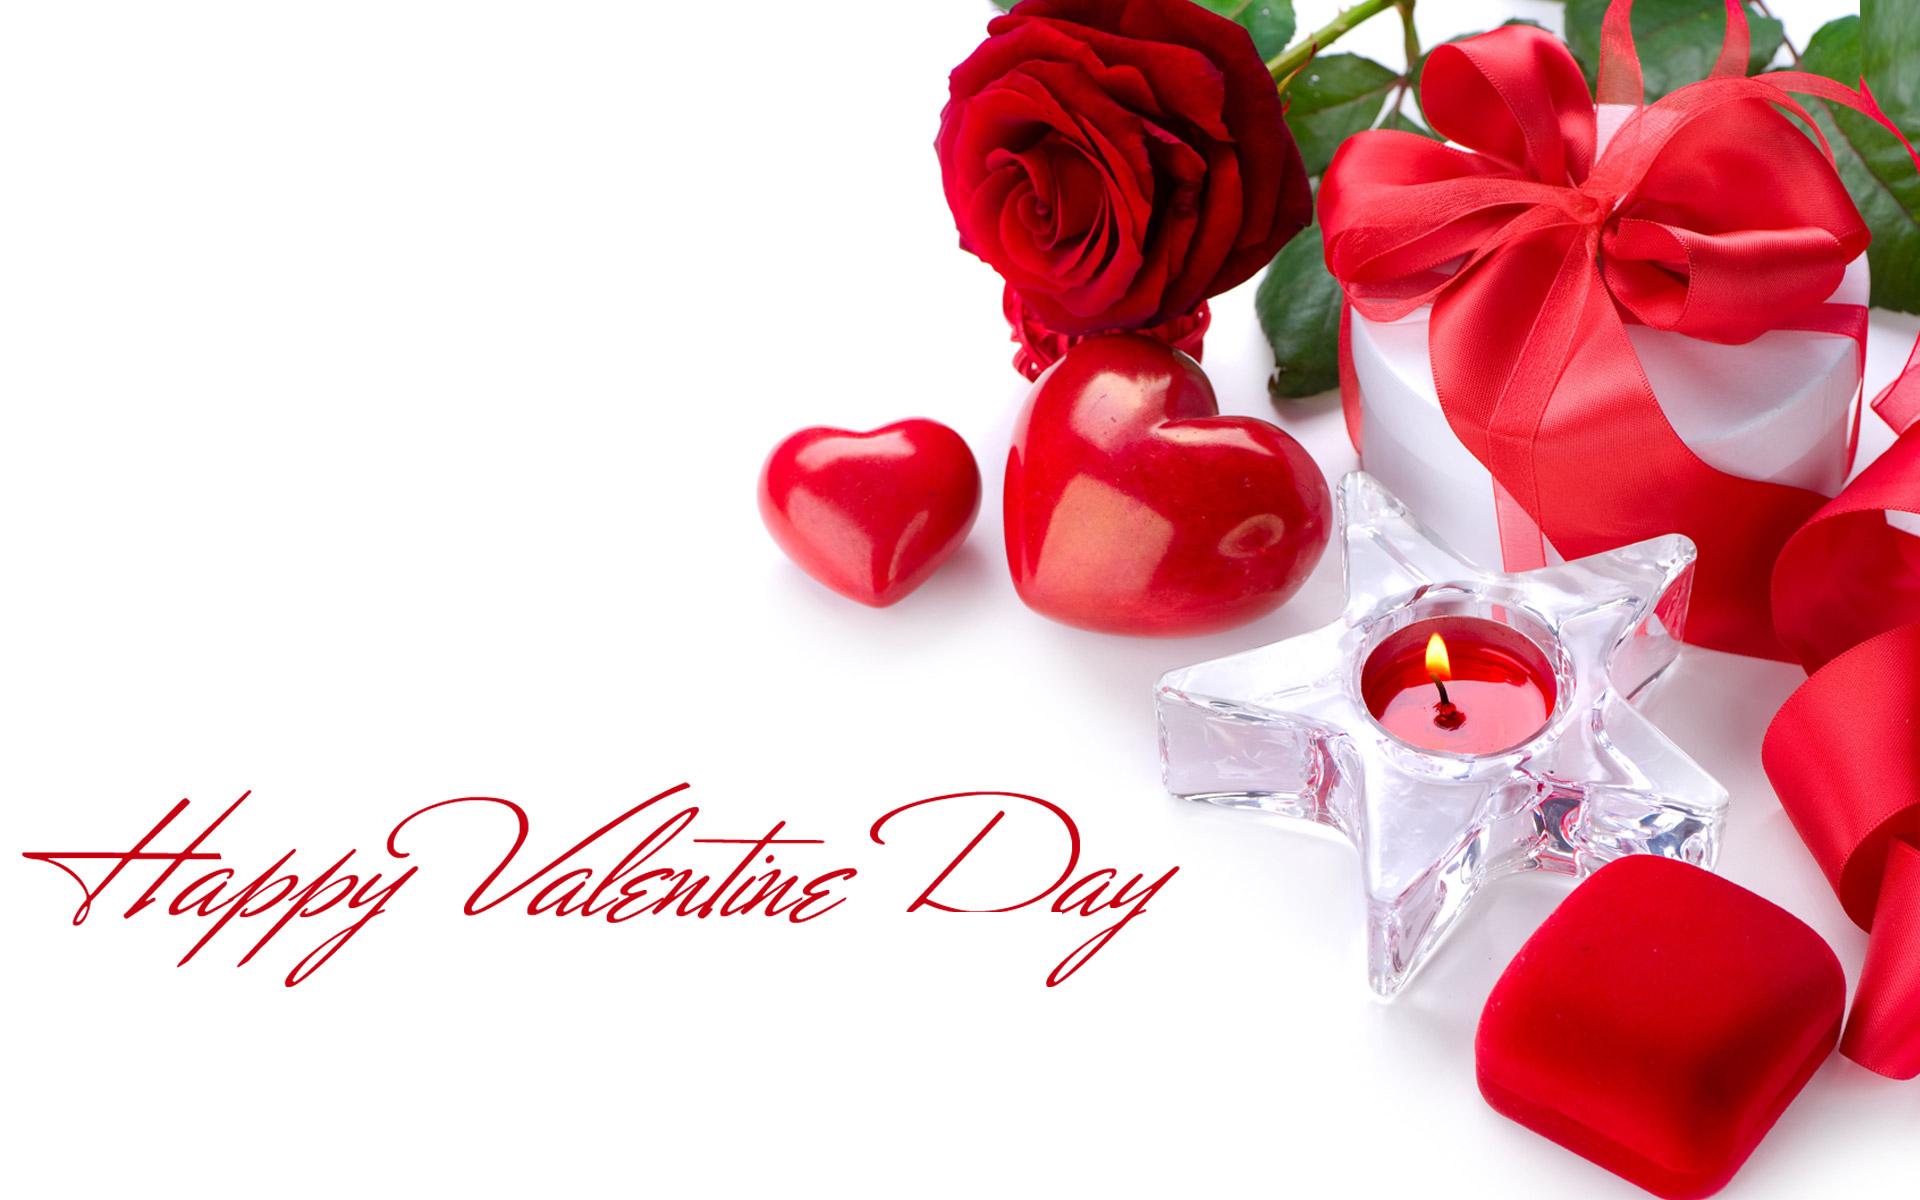 Good Wallpaper Love Valentine Day - Valentines-Day-Wishes  2018_183665.jpg?fit\u003d1920%2C1200\u0026ssl\u003d1